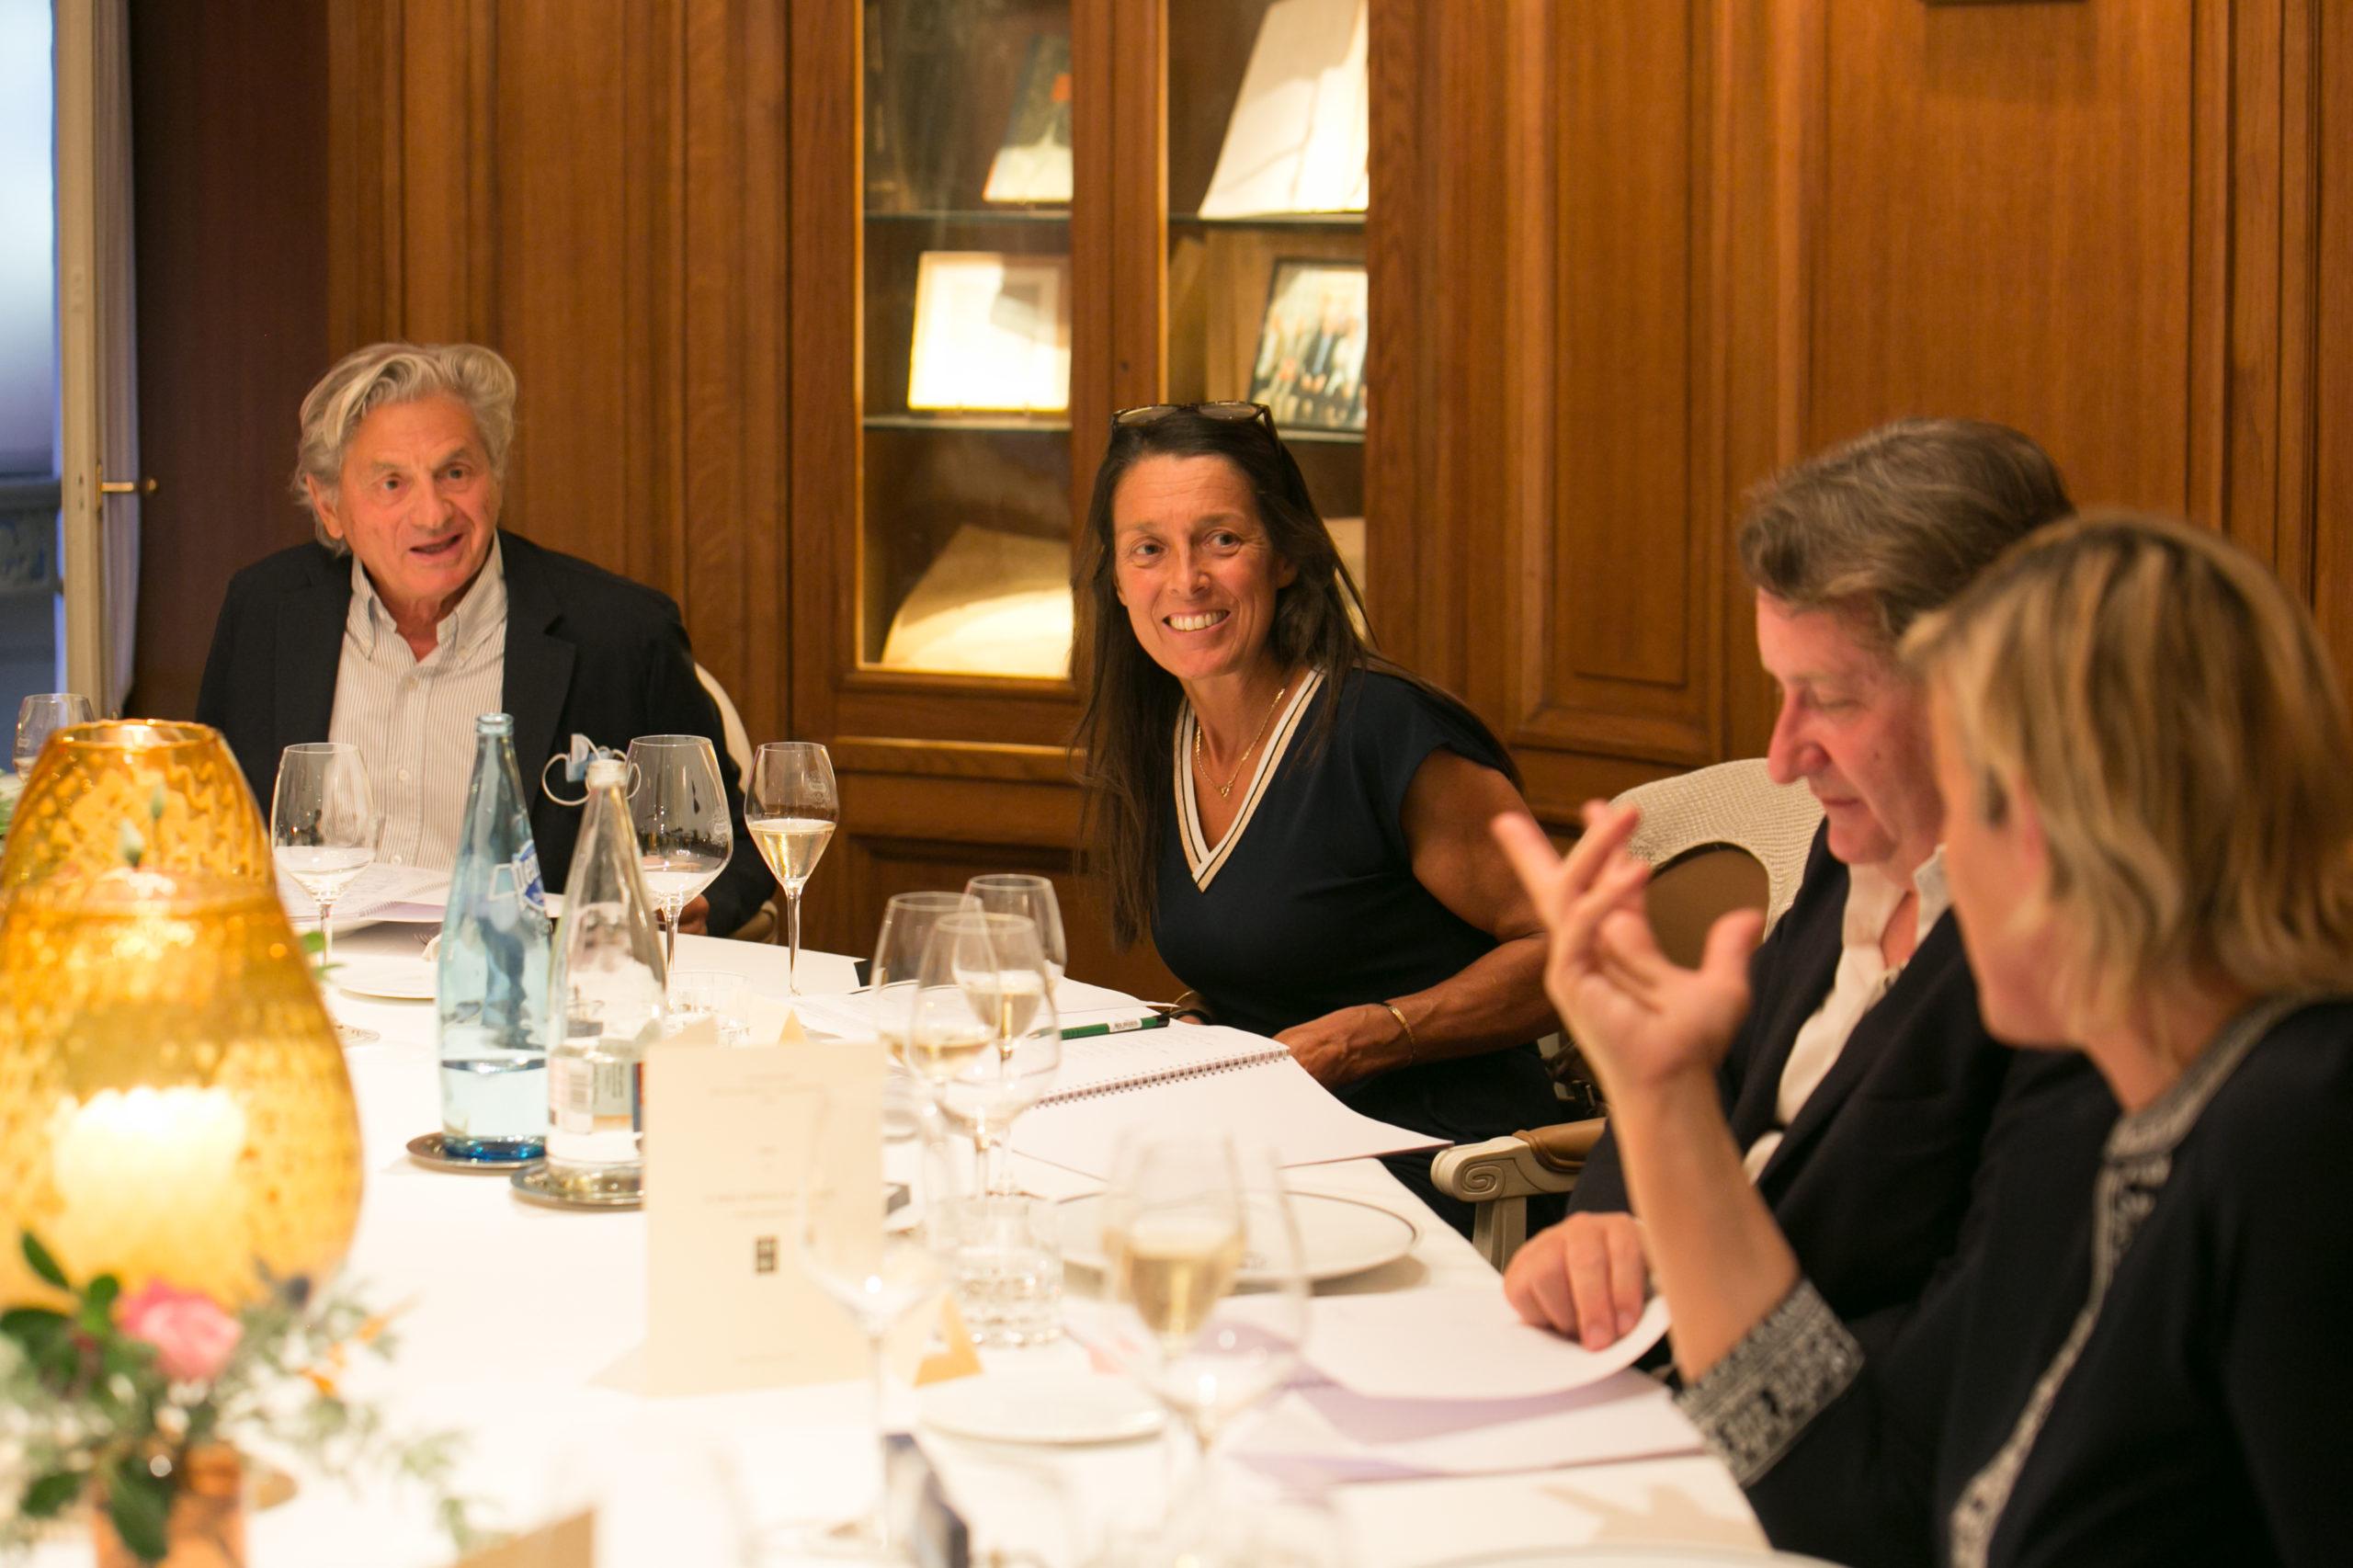 Céline Géraud à la relance ! Dans la tradition des débats enlevés, la présidente du Jury, aux côtés de Philippe Peyrat et de Nathalie Ricard Deffontaine, prolonge le dialogue avec Alain Frachon.